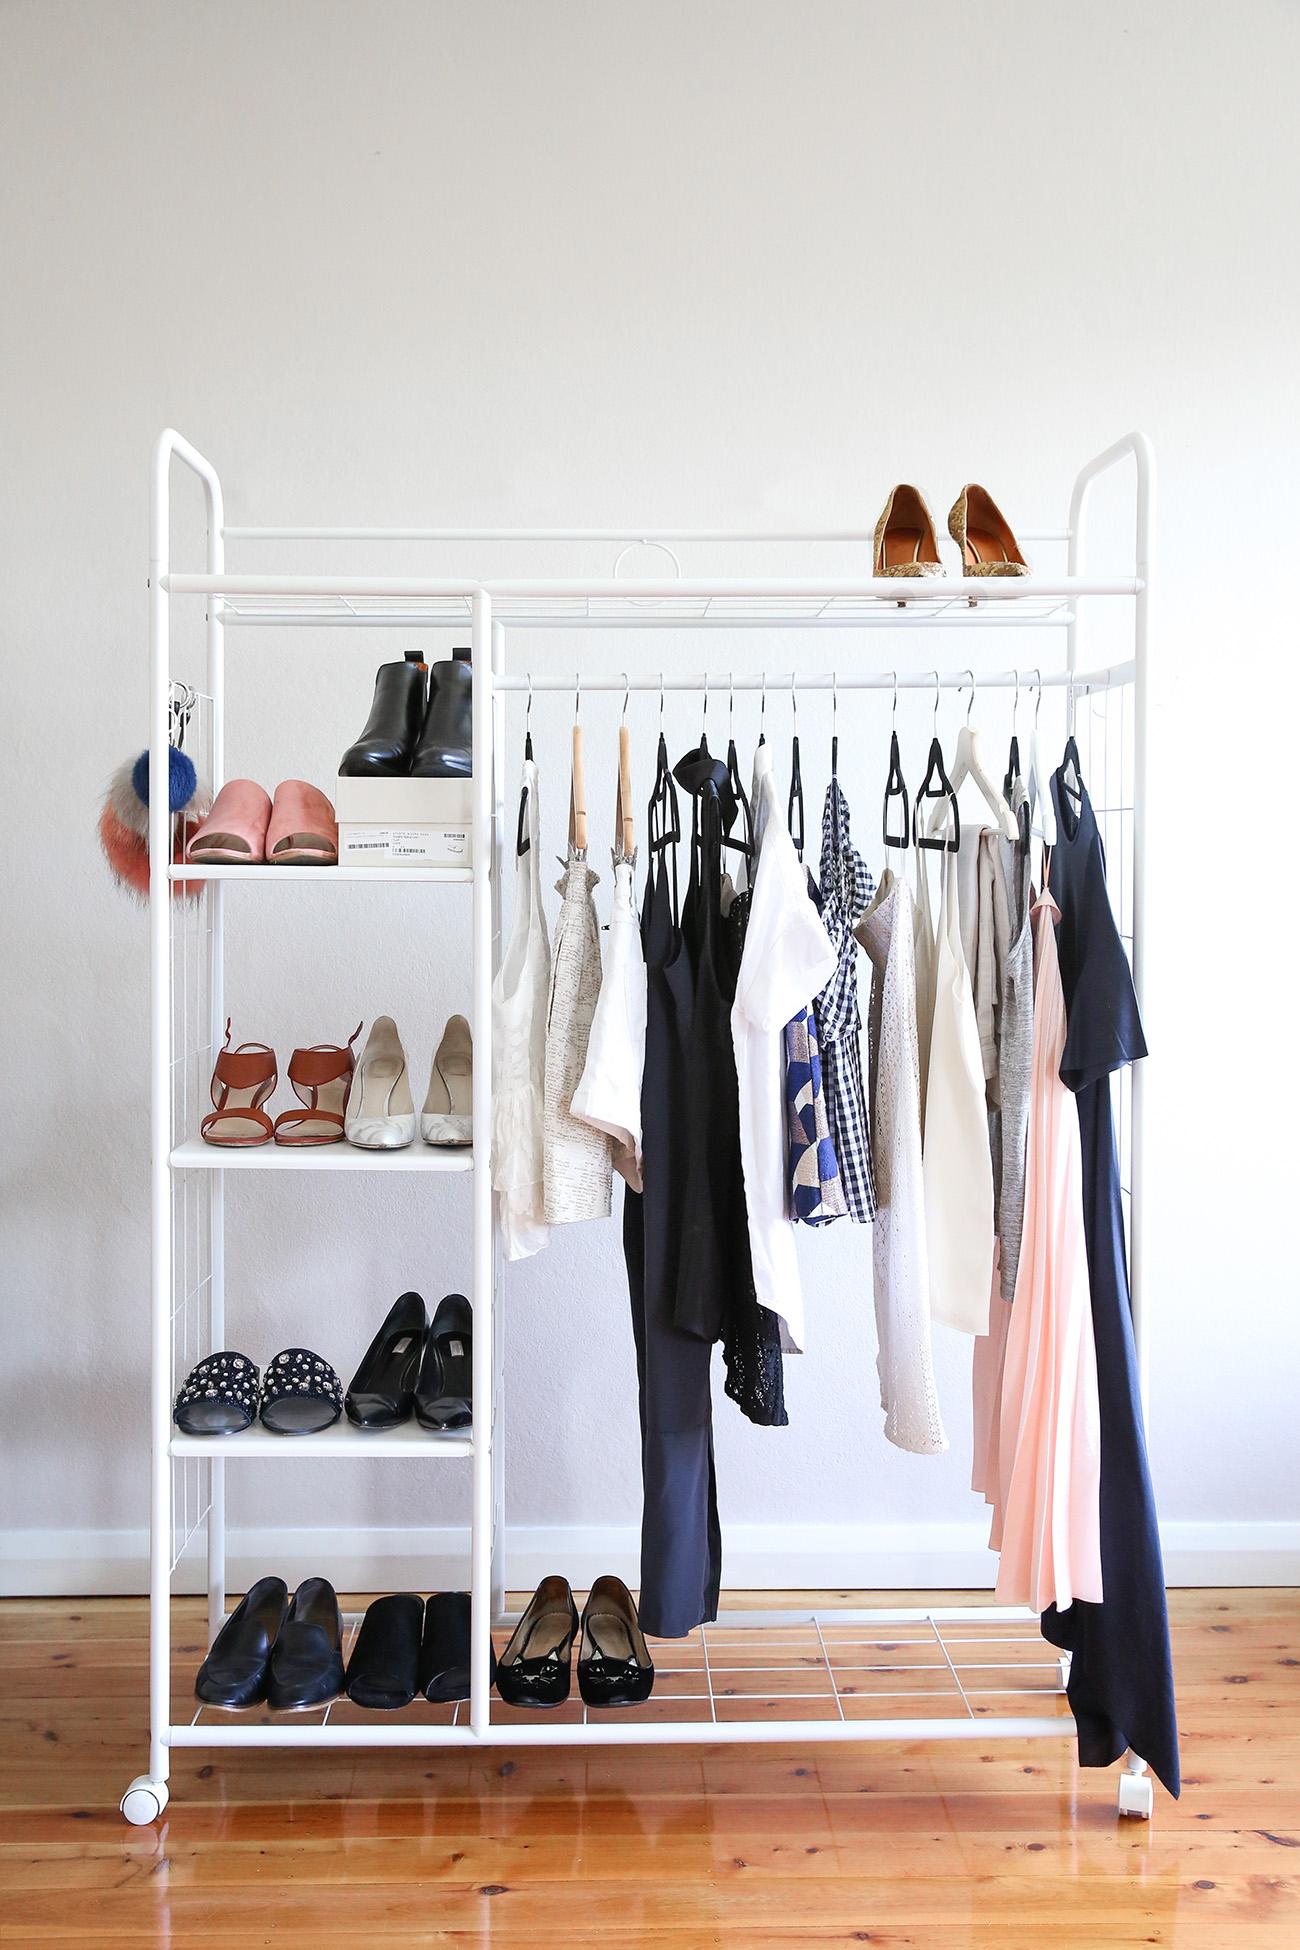 summer minimal style wardrobe